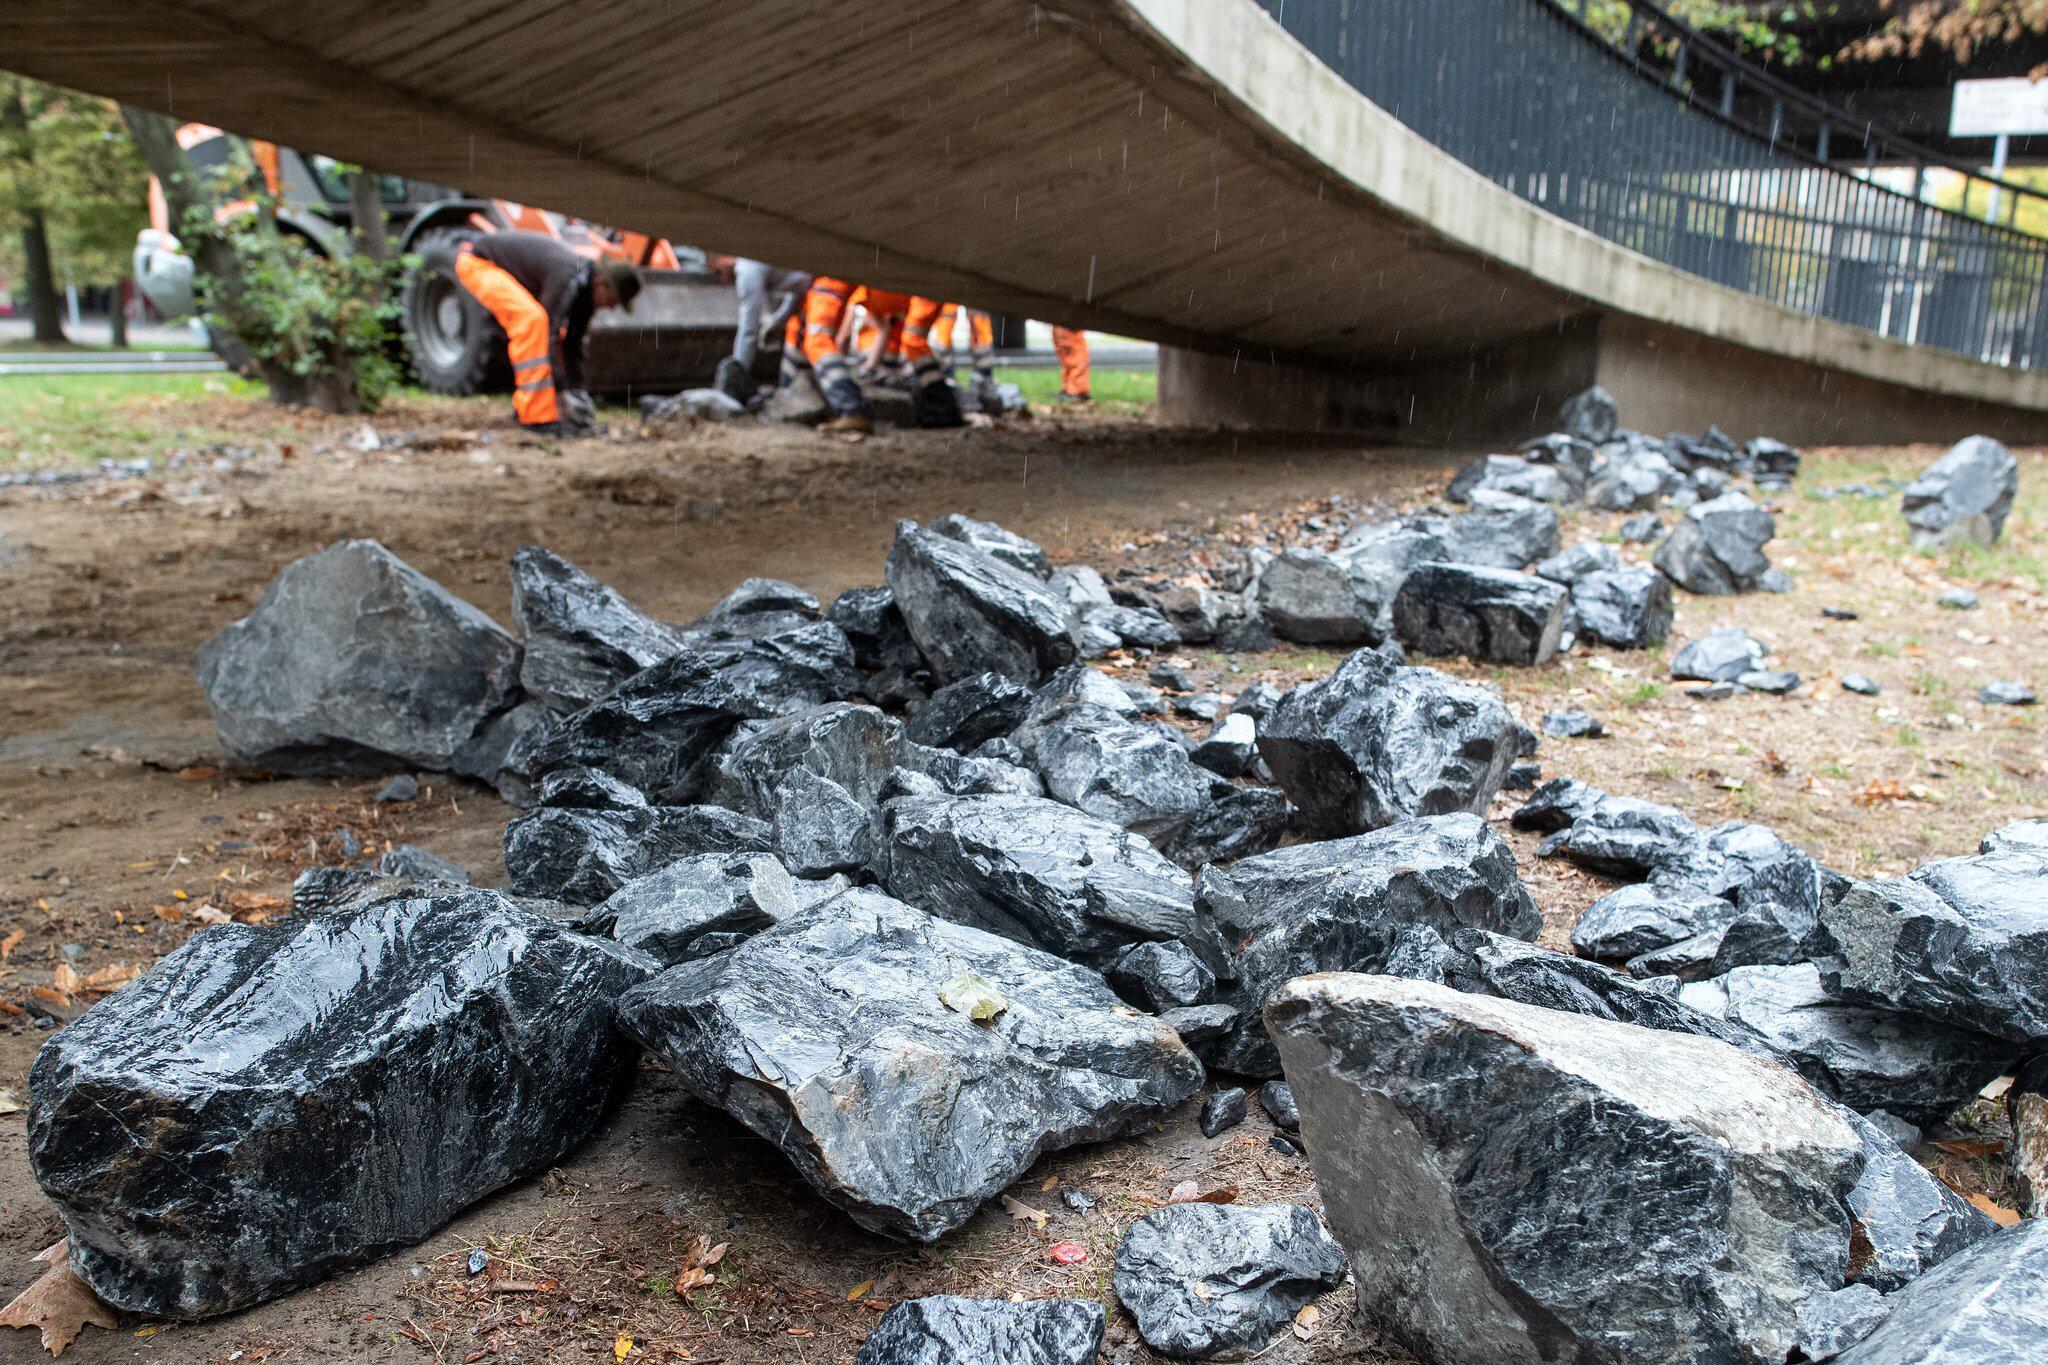 Bild zu Maßnahme gegen Obdachlose - Steine beiseite geräumt